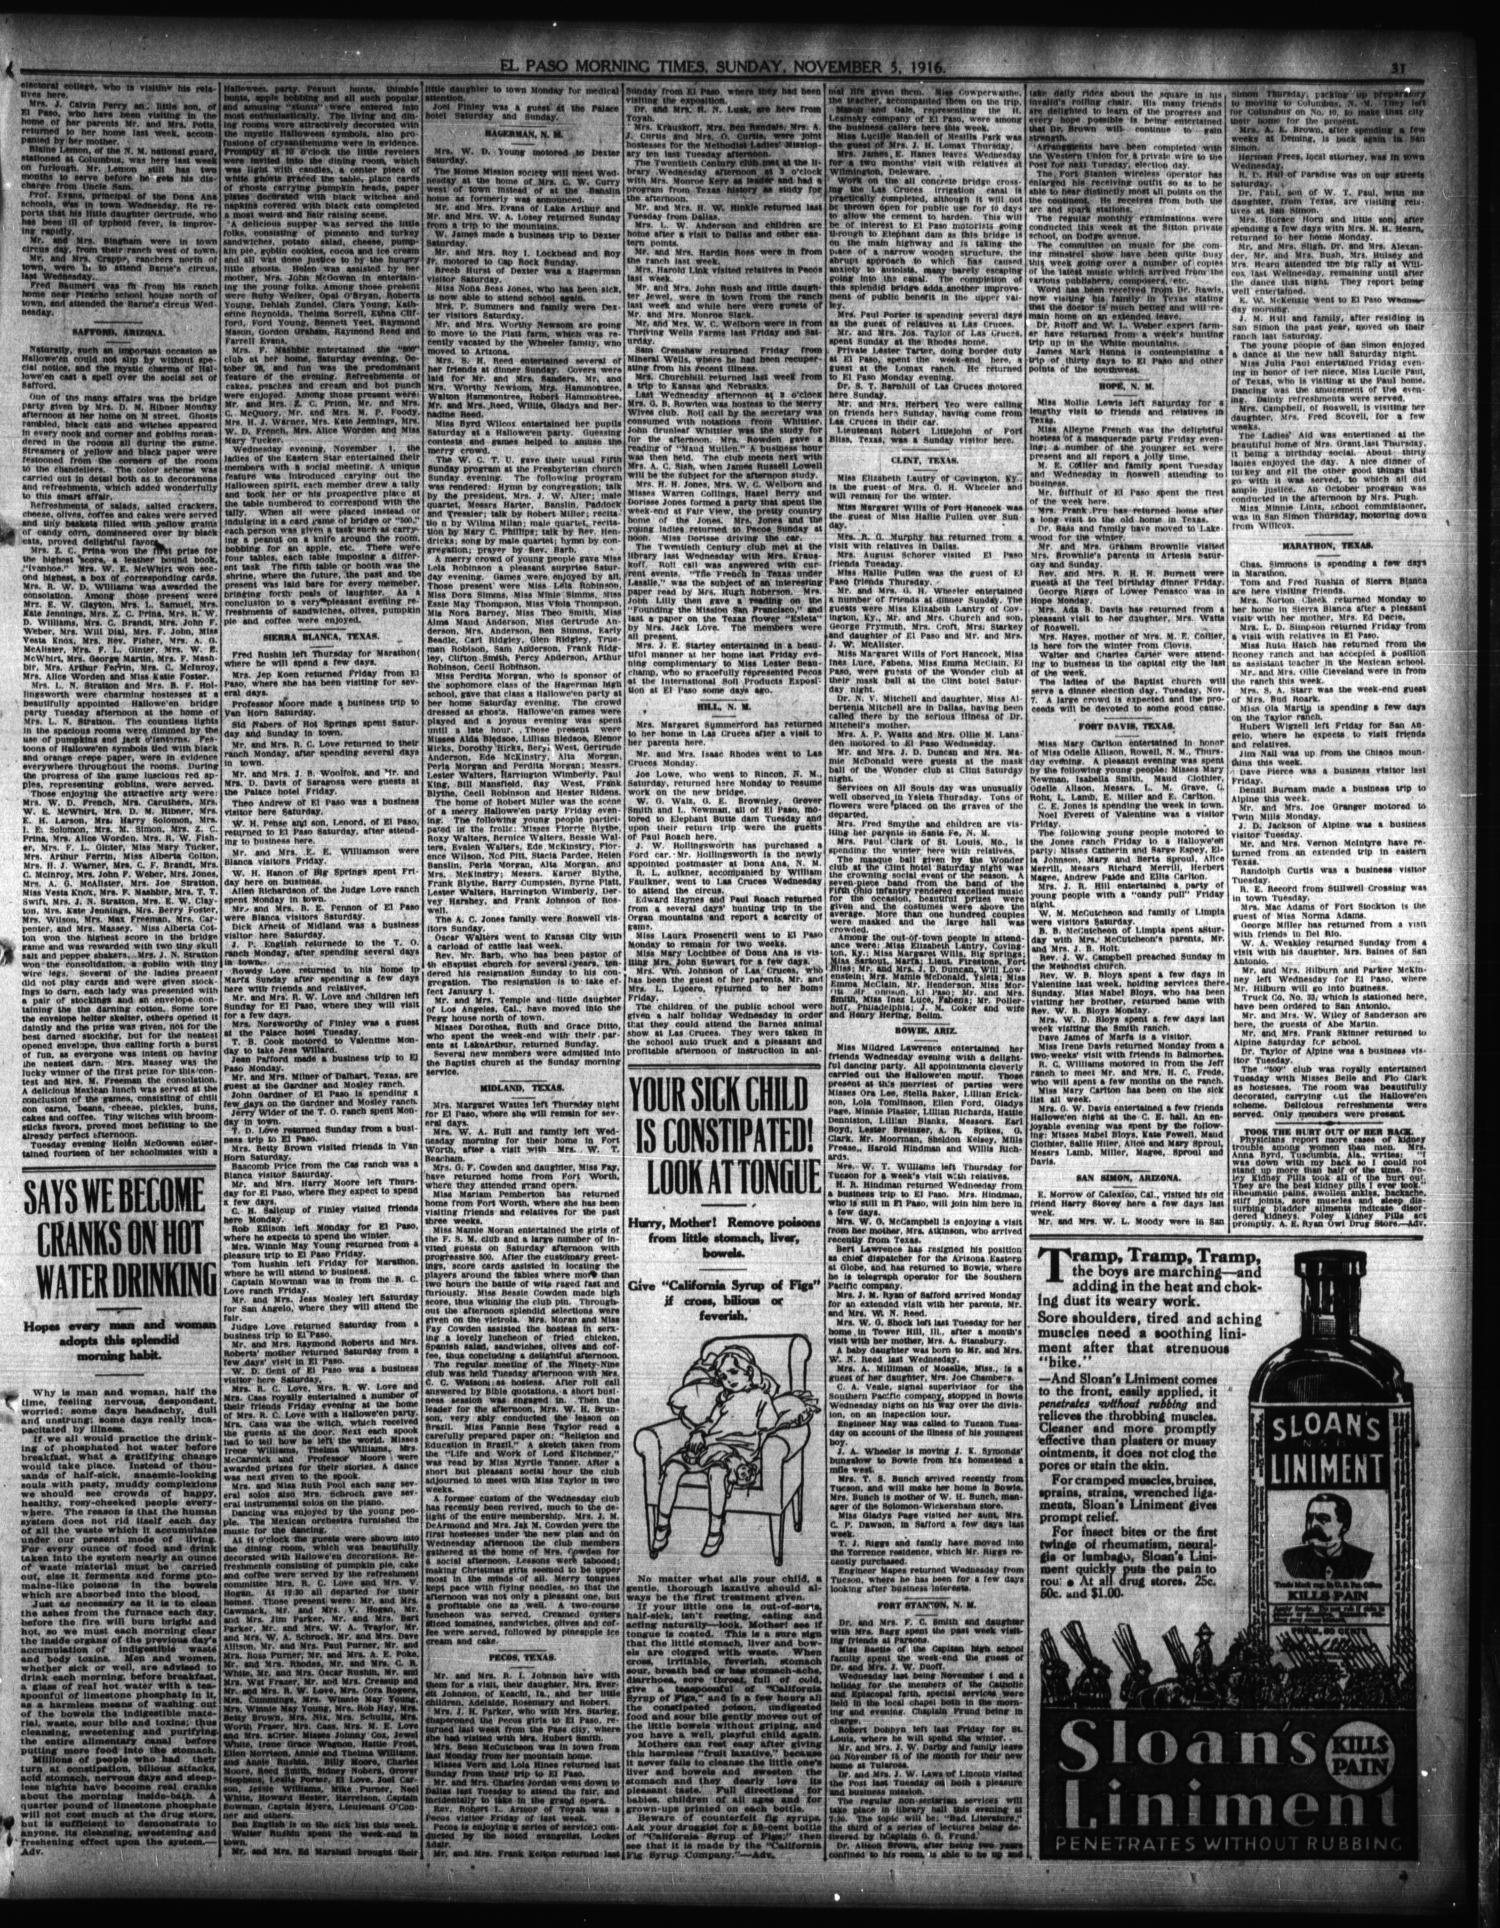 El Paso Morning Times (El Paso, Tex.), Vol. 37TH YEAR, Ed. 1, Sunday ...